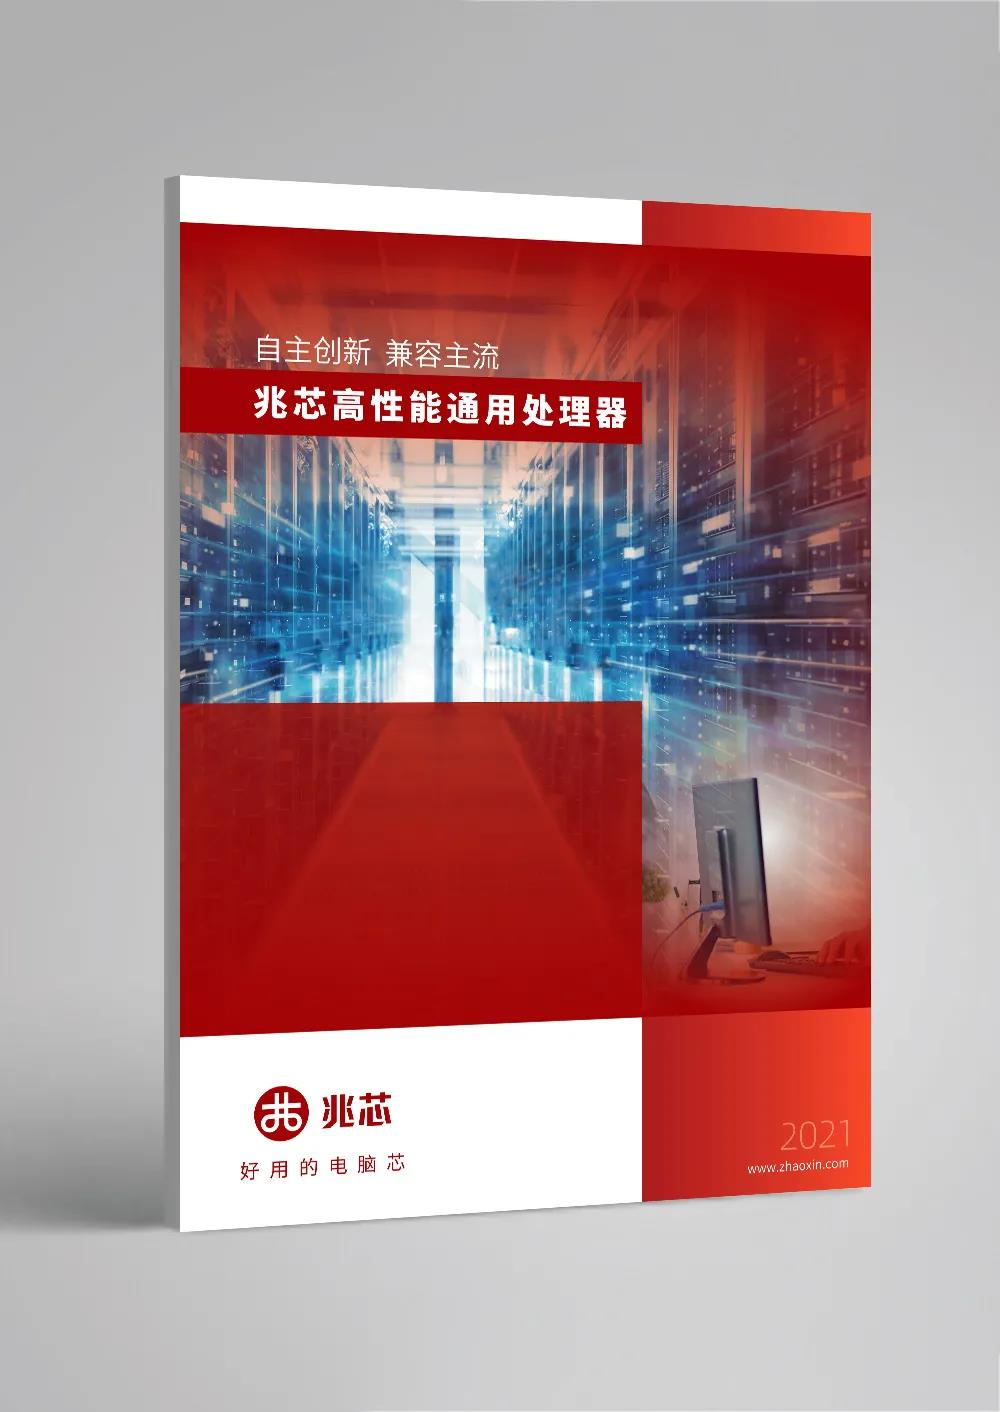 2021《兆芯高性能通用处理器》 崭新来袭 请即下载!